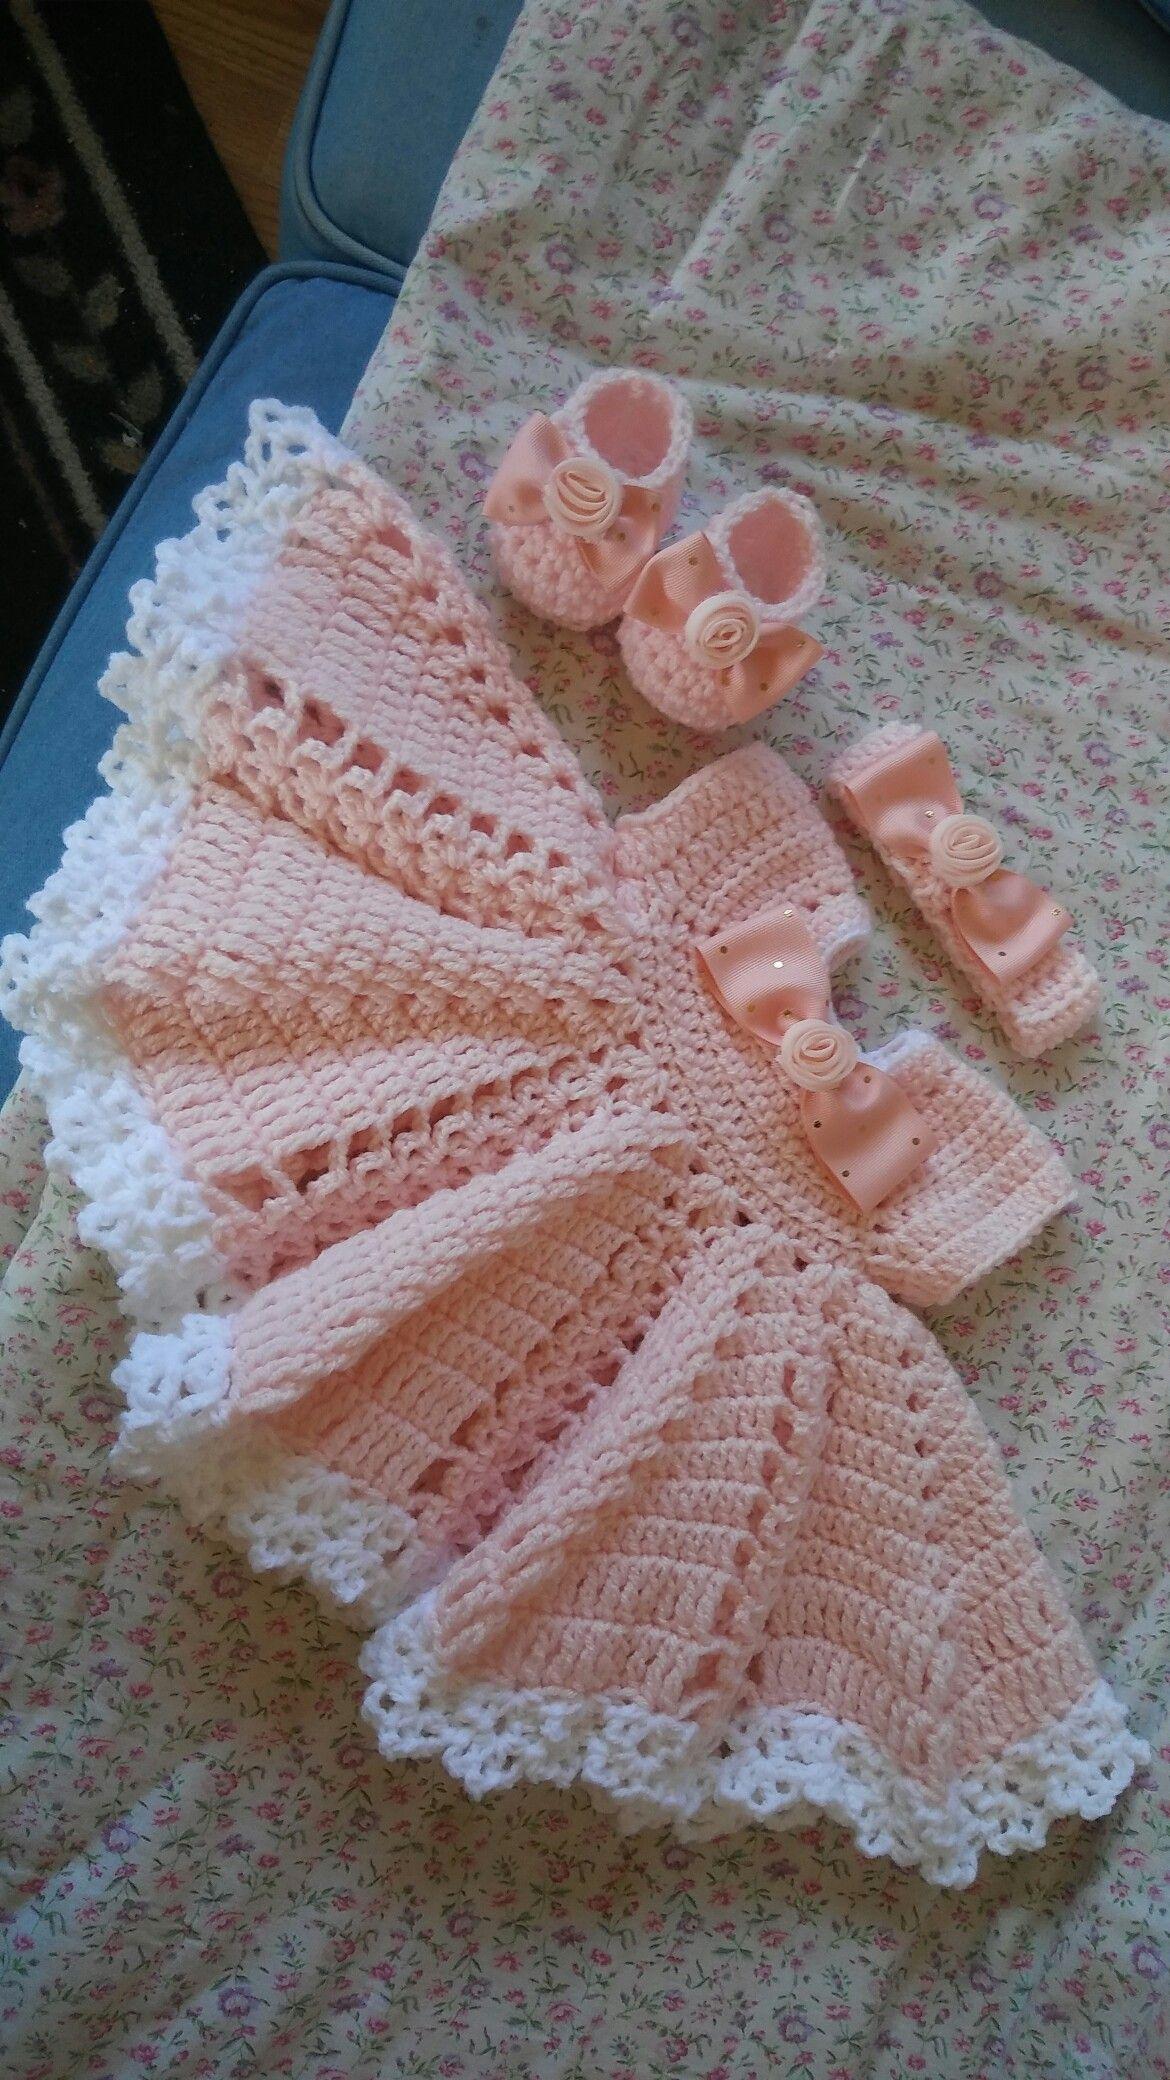 Pin von TheCrochetBug auf Baby crochet | Pinterest | Babysachen ...